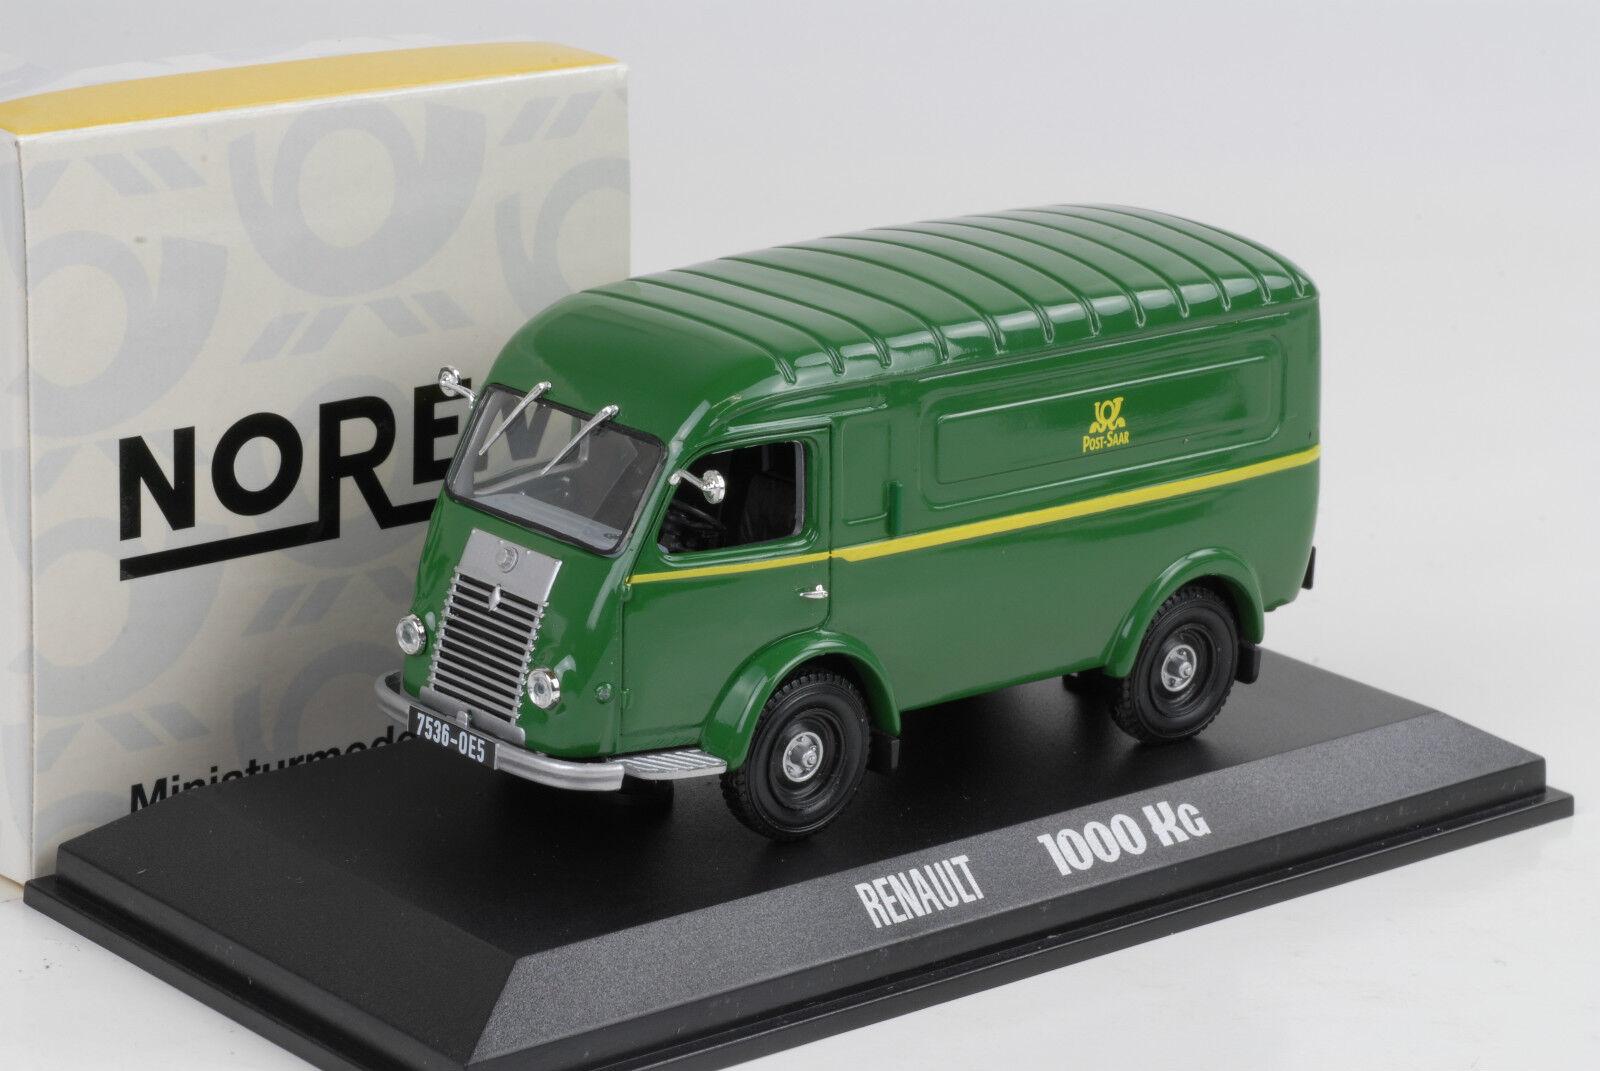 Renault 2204.6lbs Post Saar Deutsche Post Green Green 1 43 Norev